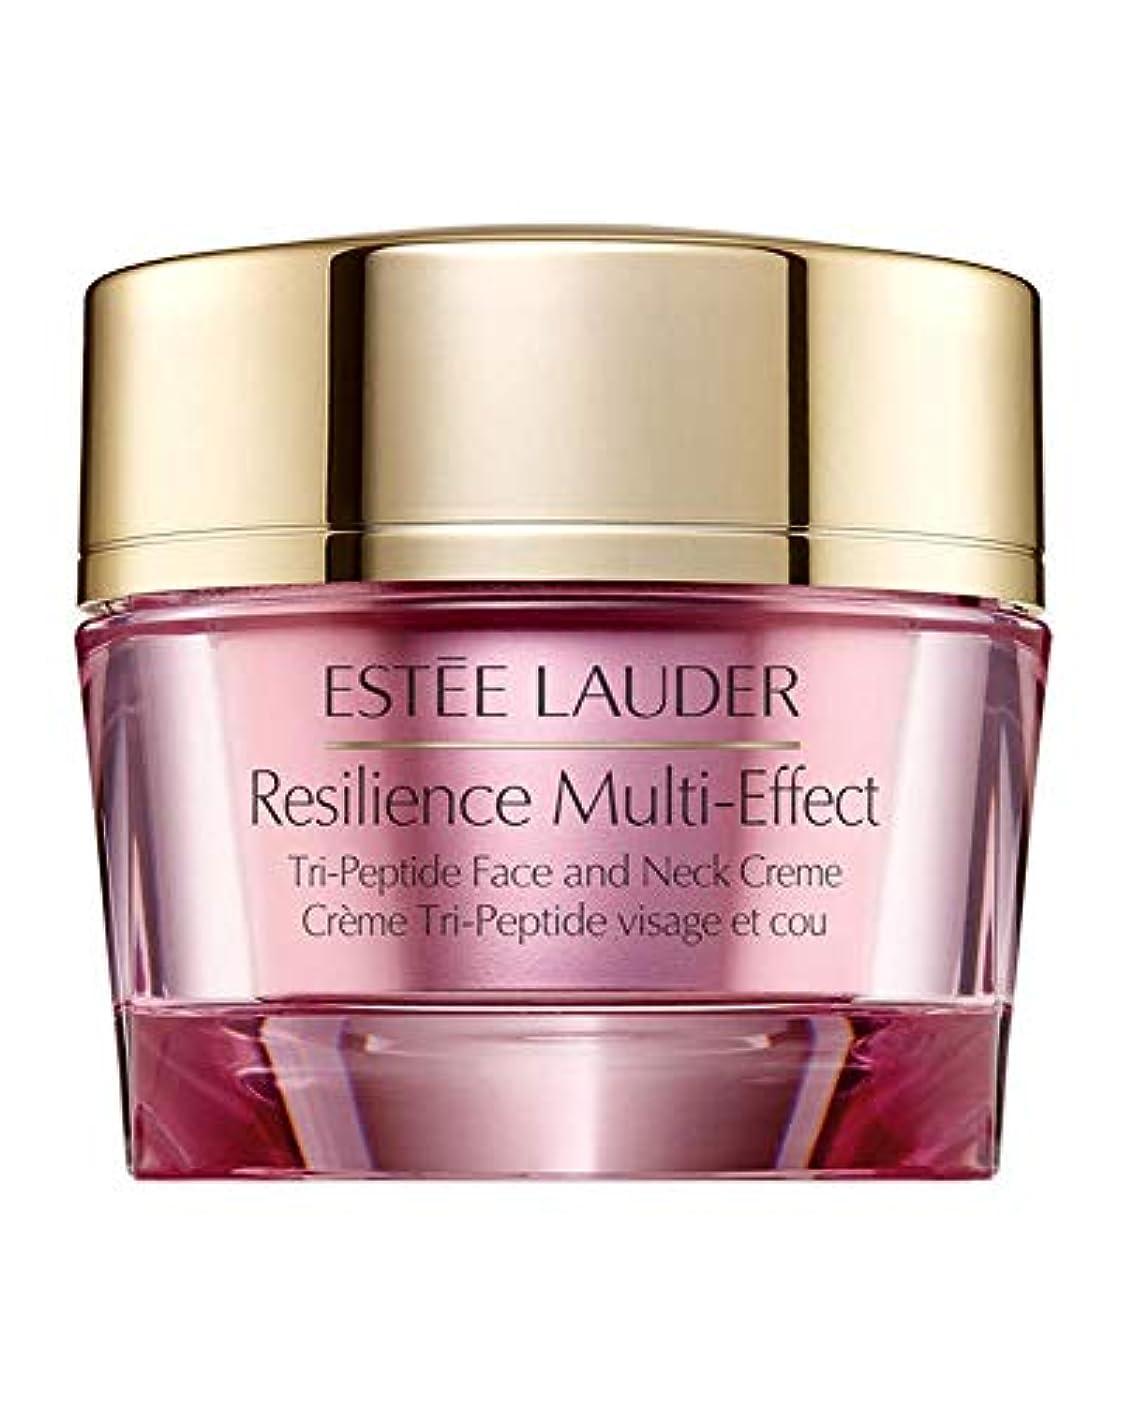 口述マウスピース持続するエスティローダー Resilience Multi-Effect Tri-Peptide Face and Neck Creme SPF 15 - For Normal/Combination Skin 50ml/1.7oz...